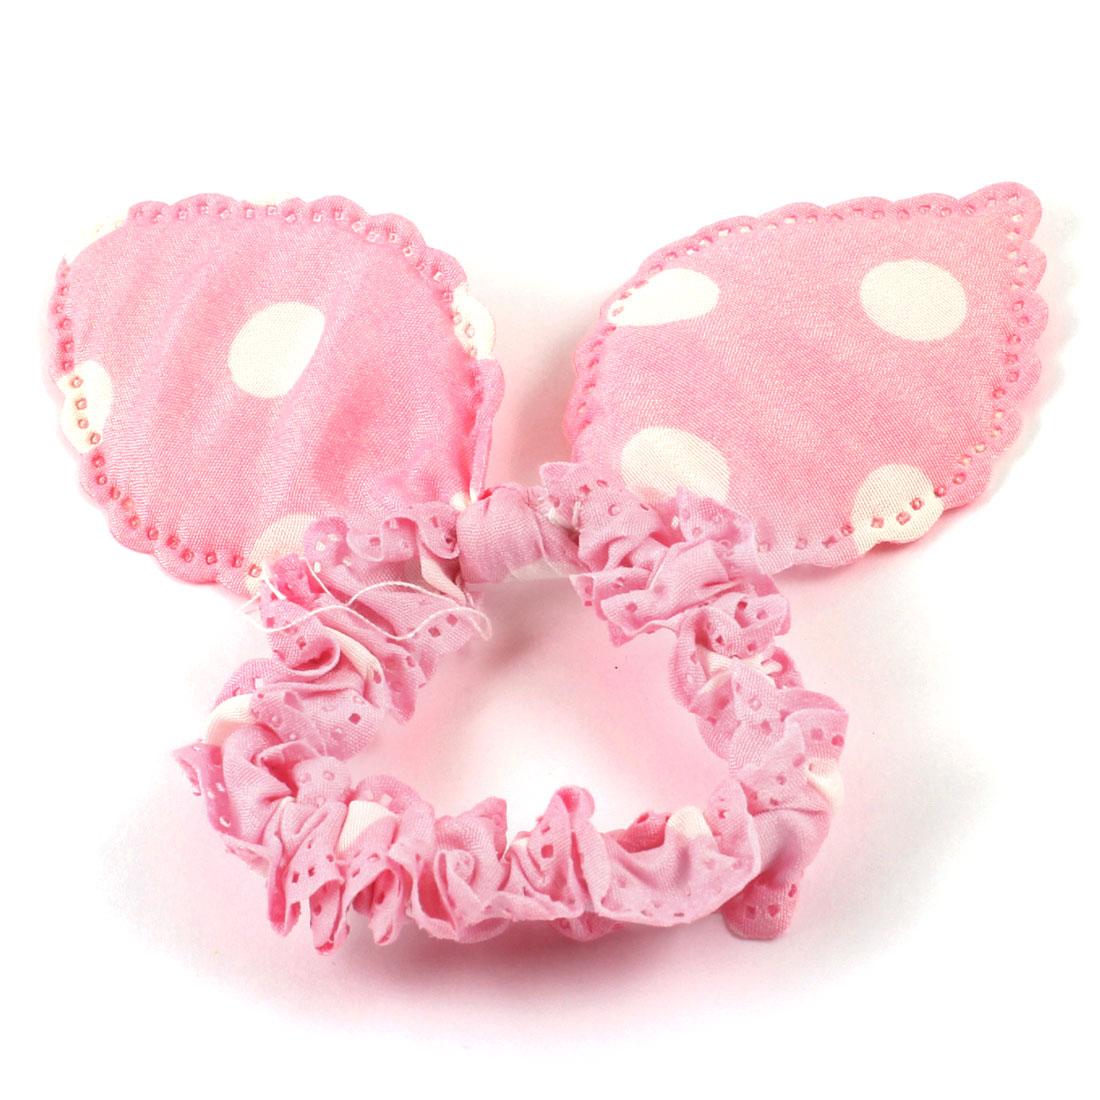 White Polka Dot Rabbit Ears Detail Hair Tie Ponytail Holder Pink for Girls